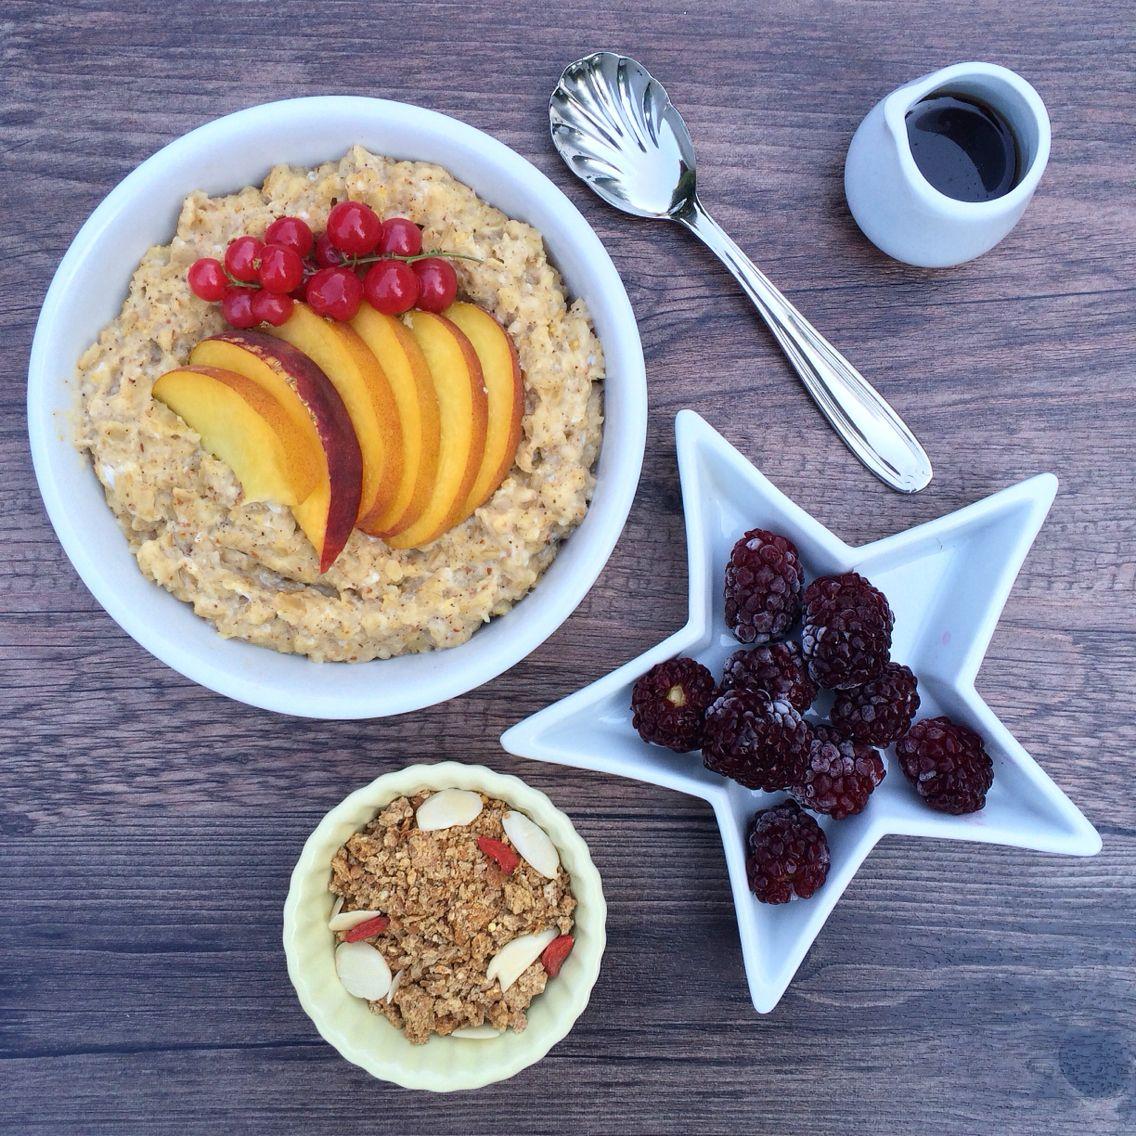 Avena a la vainilla con durazno y zarzaparrillas + algunas moras, granola y maple syrup... para mi :)  Más recetas e ideas saludables en http://instagram.com/minrebolledo  #healthy #fit #breakfast #brunch #oatmeal #star #saludable #desayuno #estrella #fruits